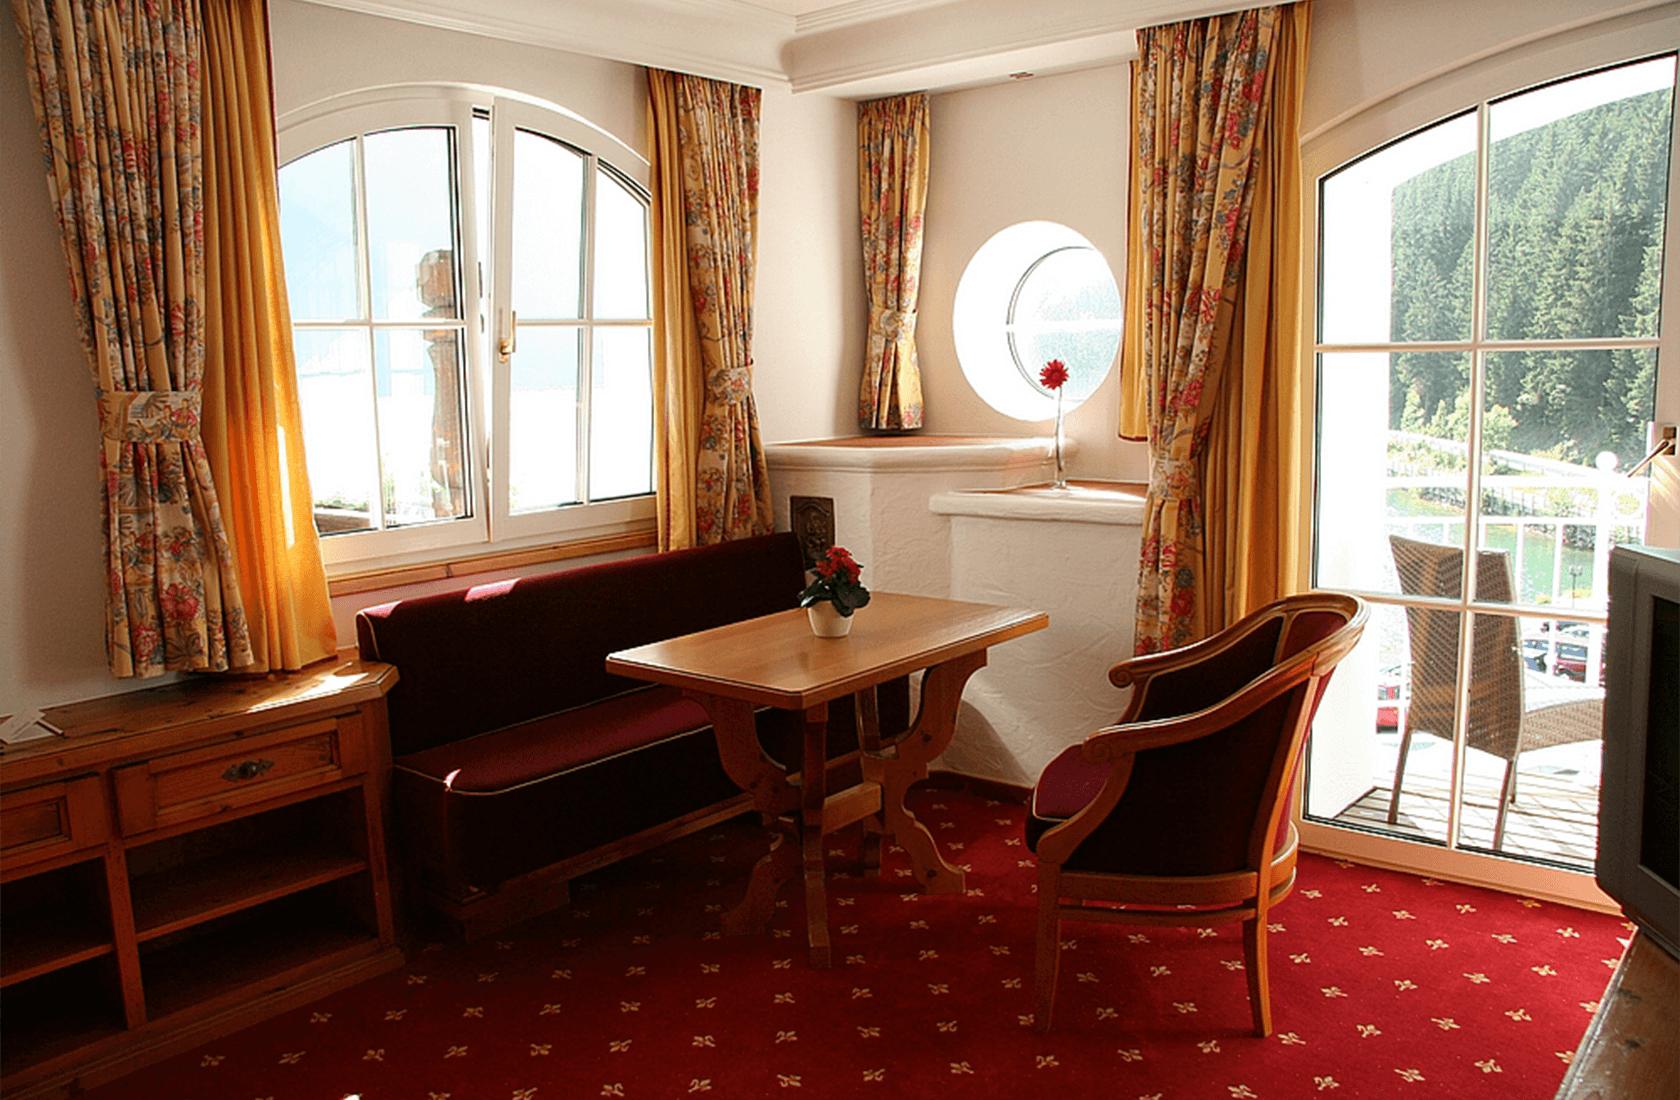 Romantische Abende im Turmzimmer mit Seeblick - Hotel Via Salina